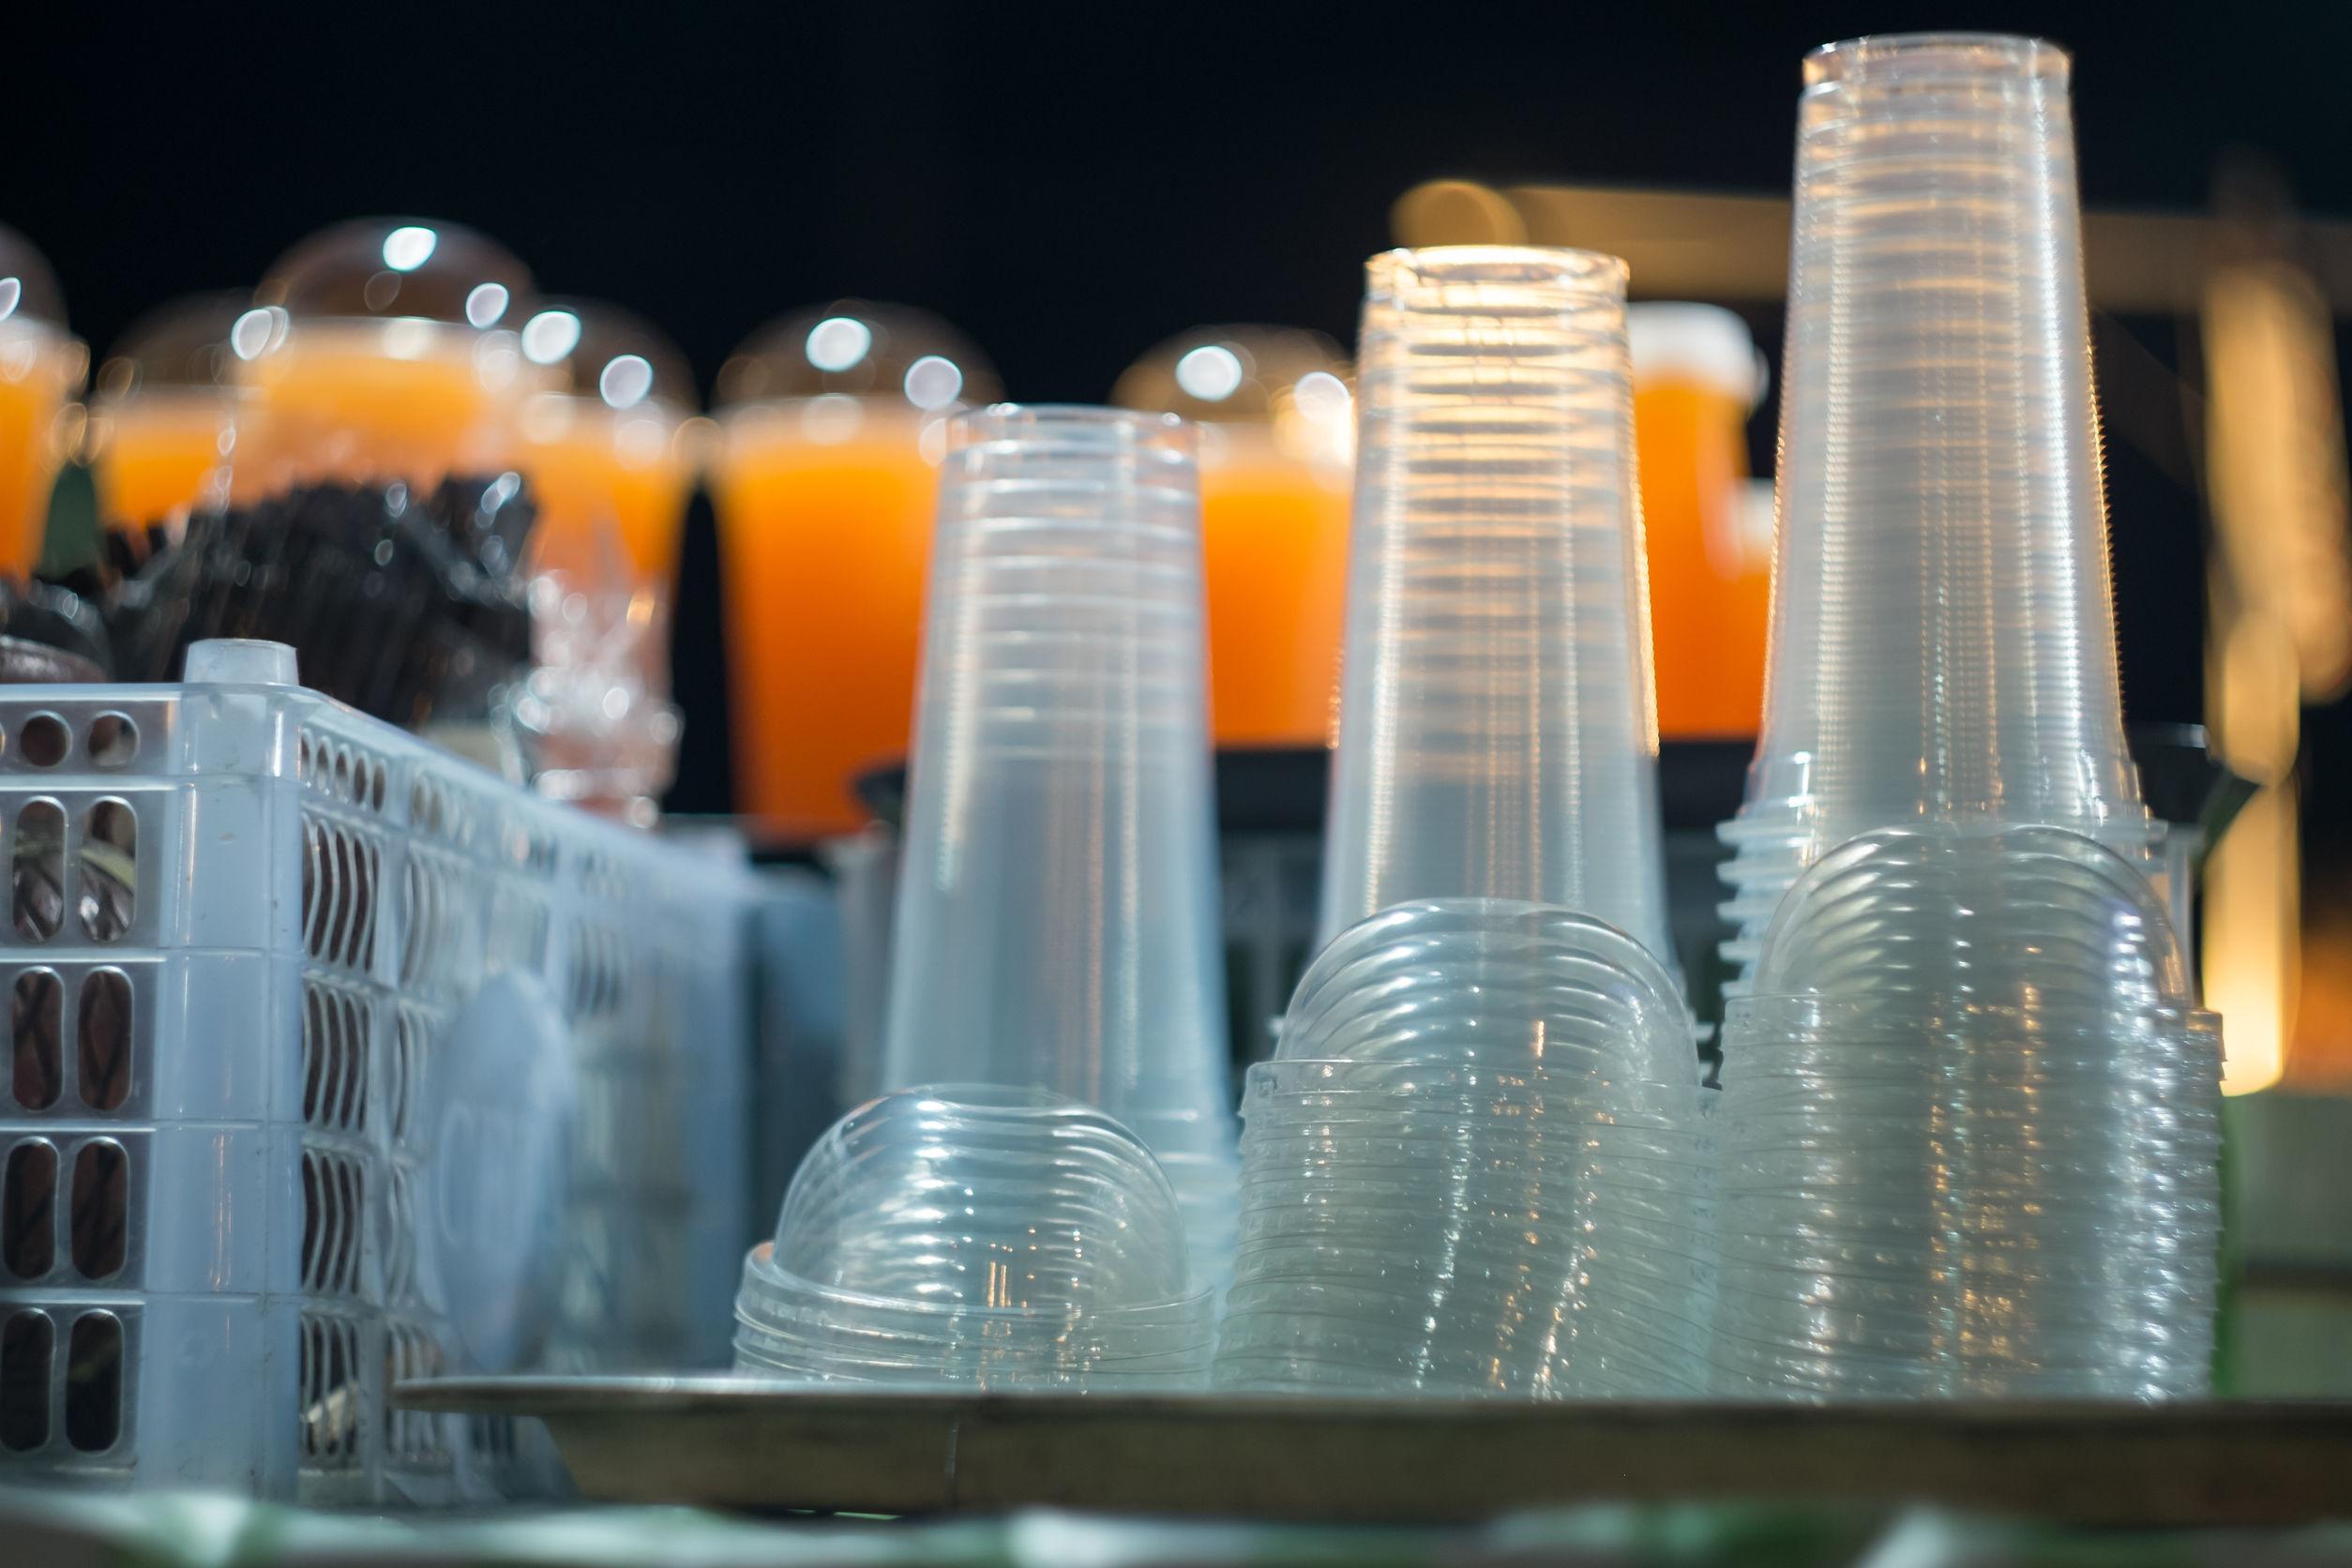 Franţa interzice paharele, farfuriile şi tacâmurile din plastic